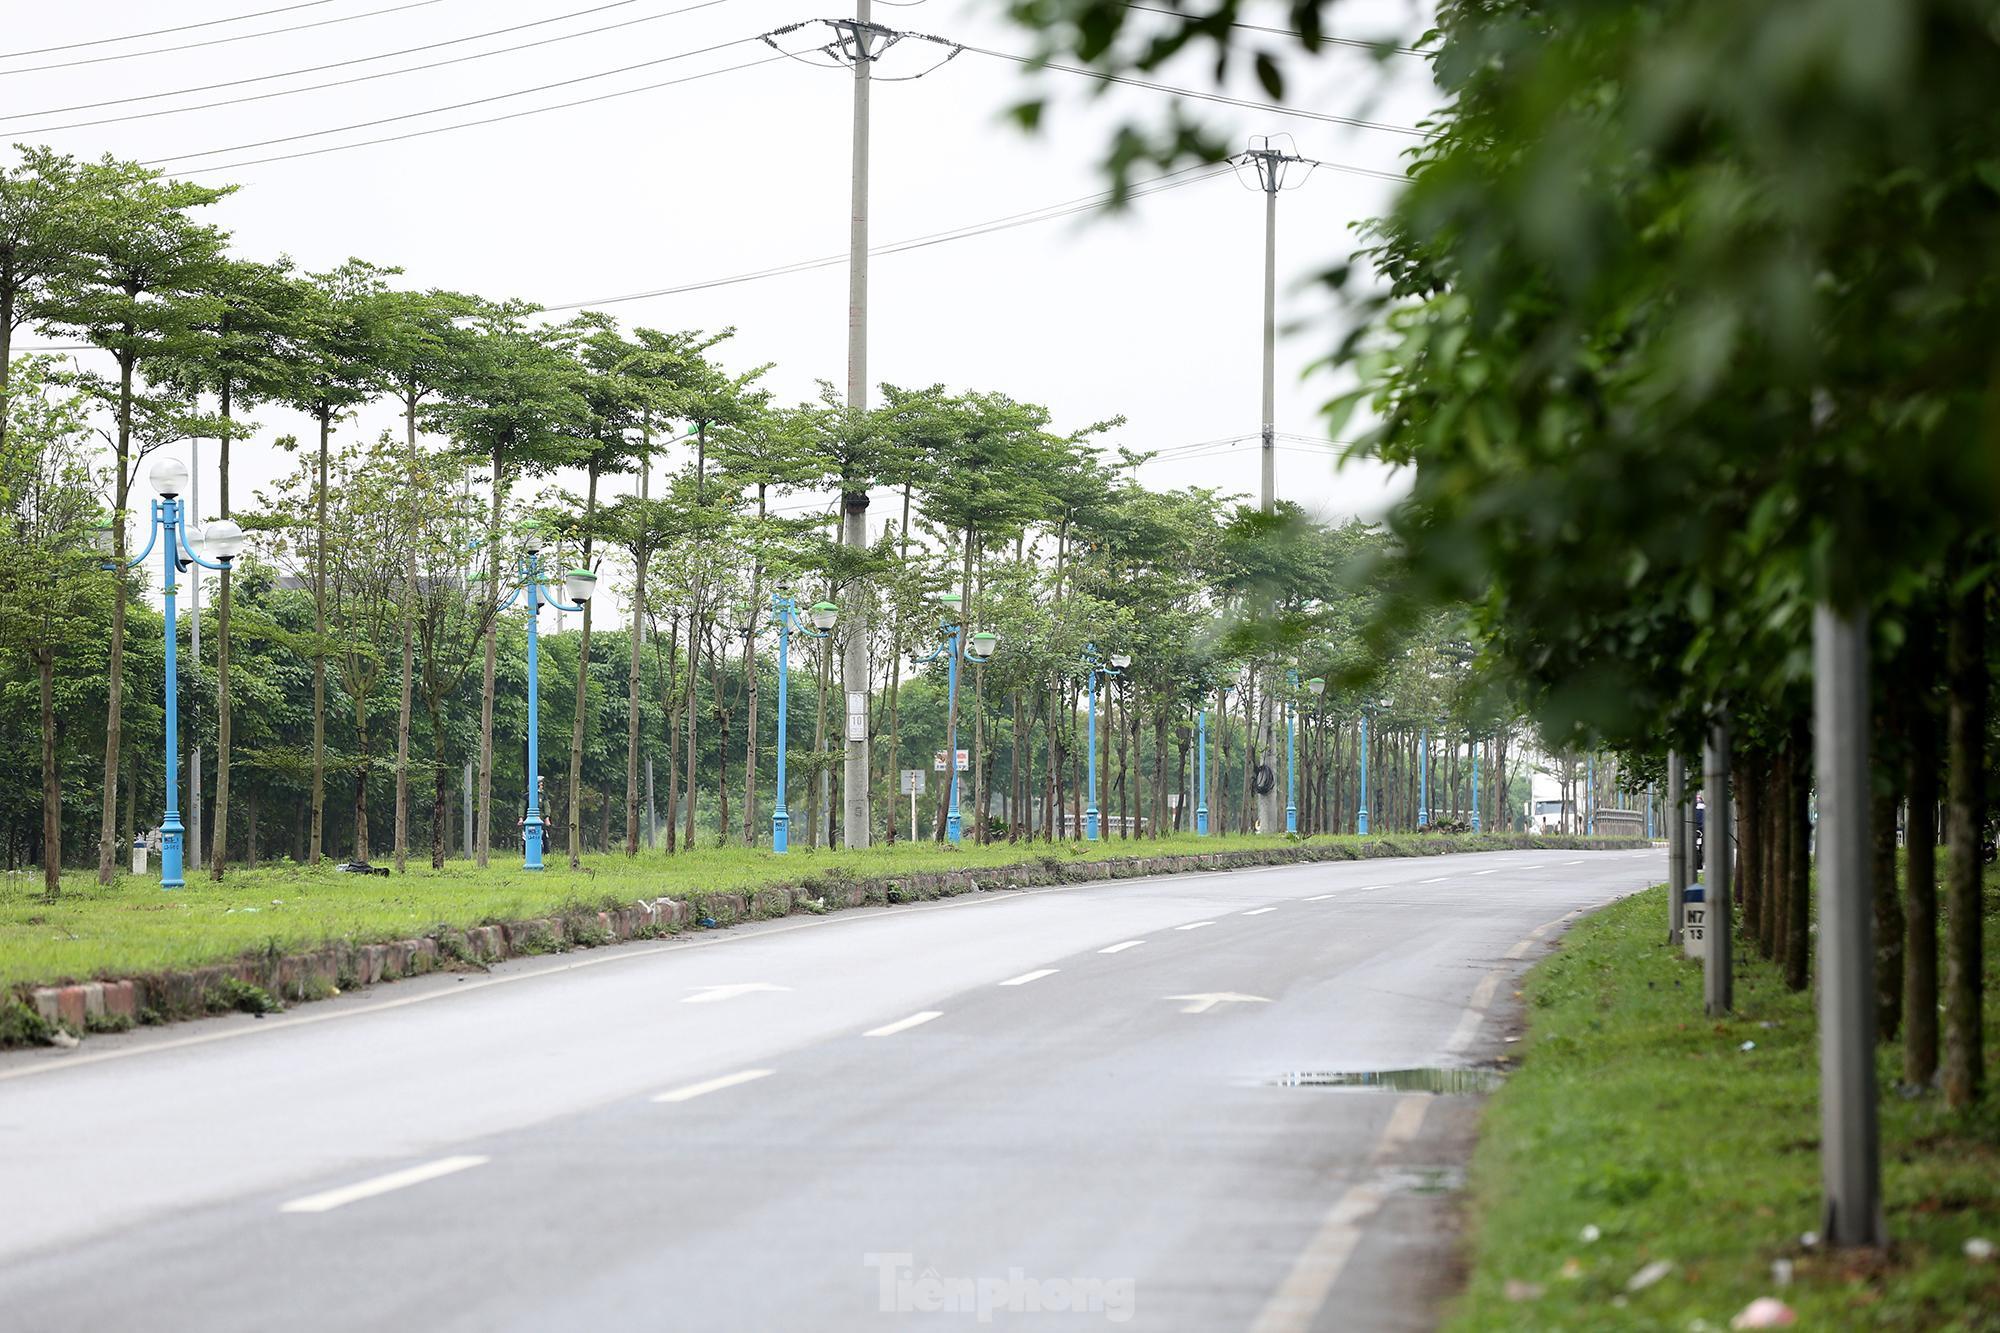 Tuyến đường 2.300 tỷ dài 15 km nối Hà Nội với Vĩnh Phúc hoạt động ra sao? - 6